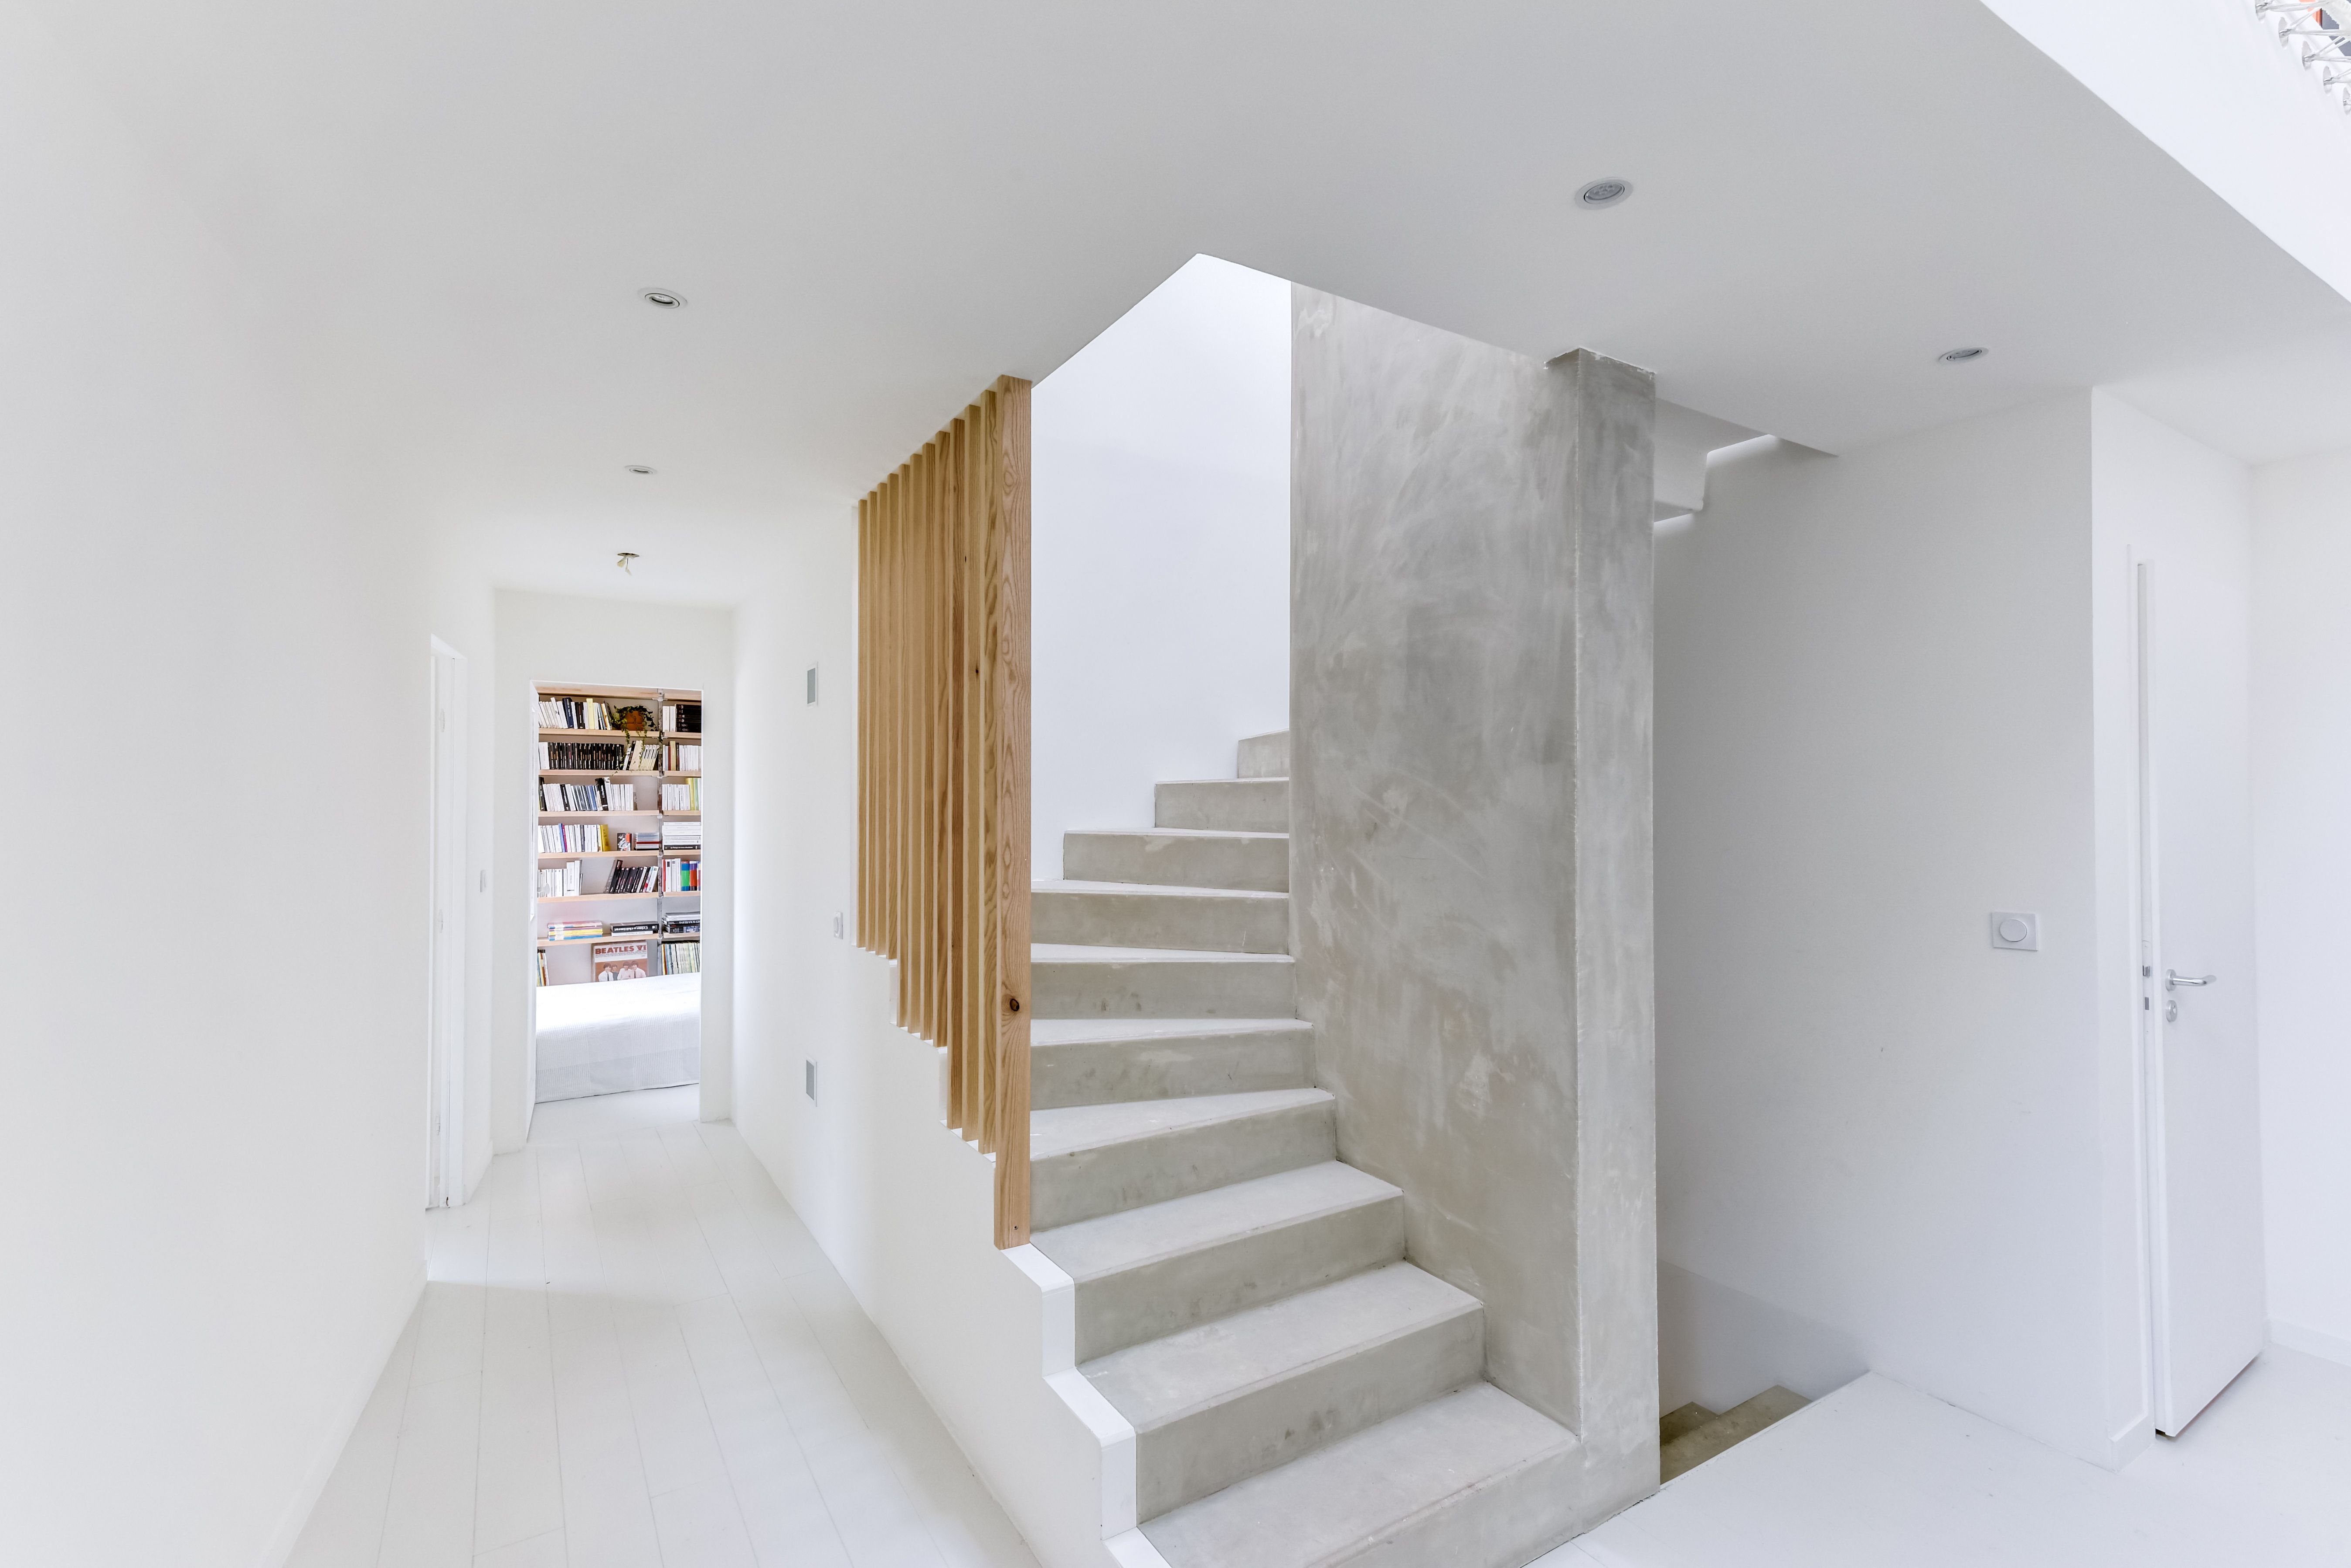 Escalier en béton brut et tasseaux de bois en chêne   Beton ciré en ...